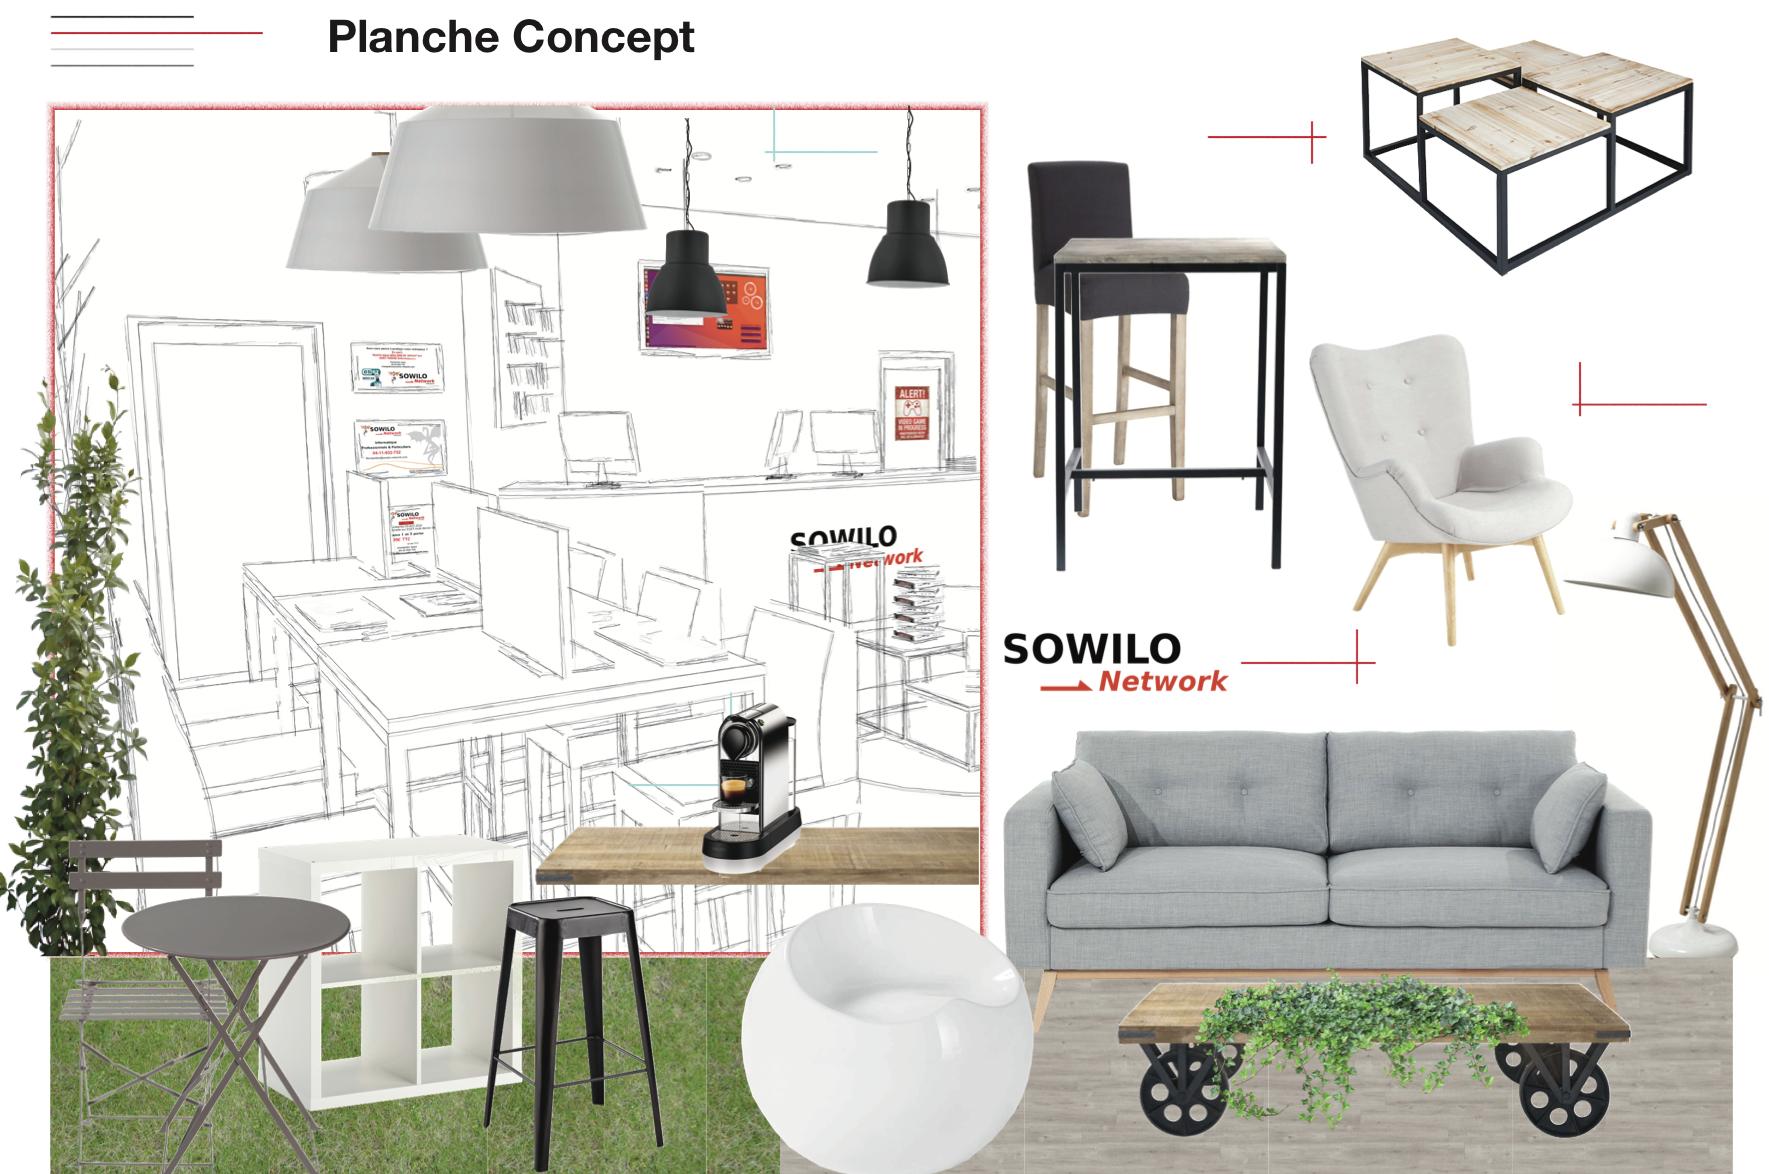 Planche Concept